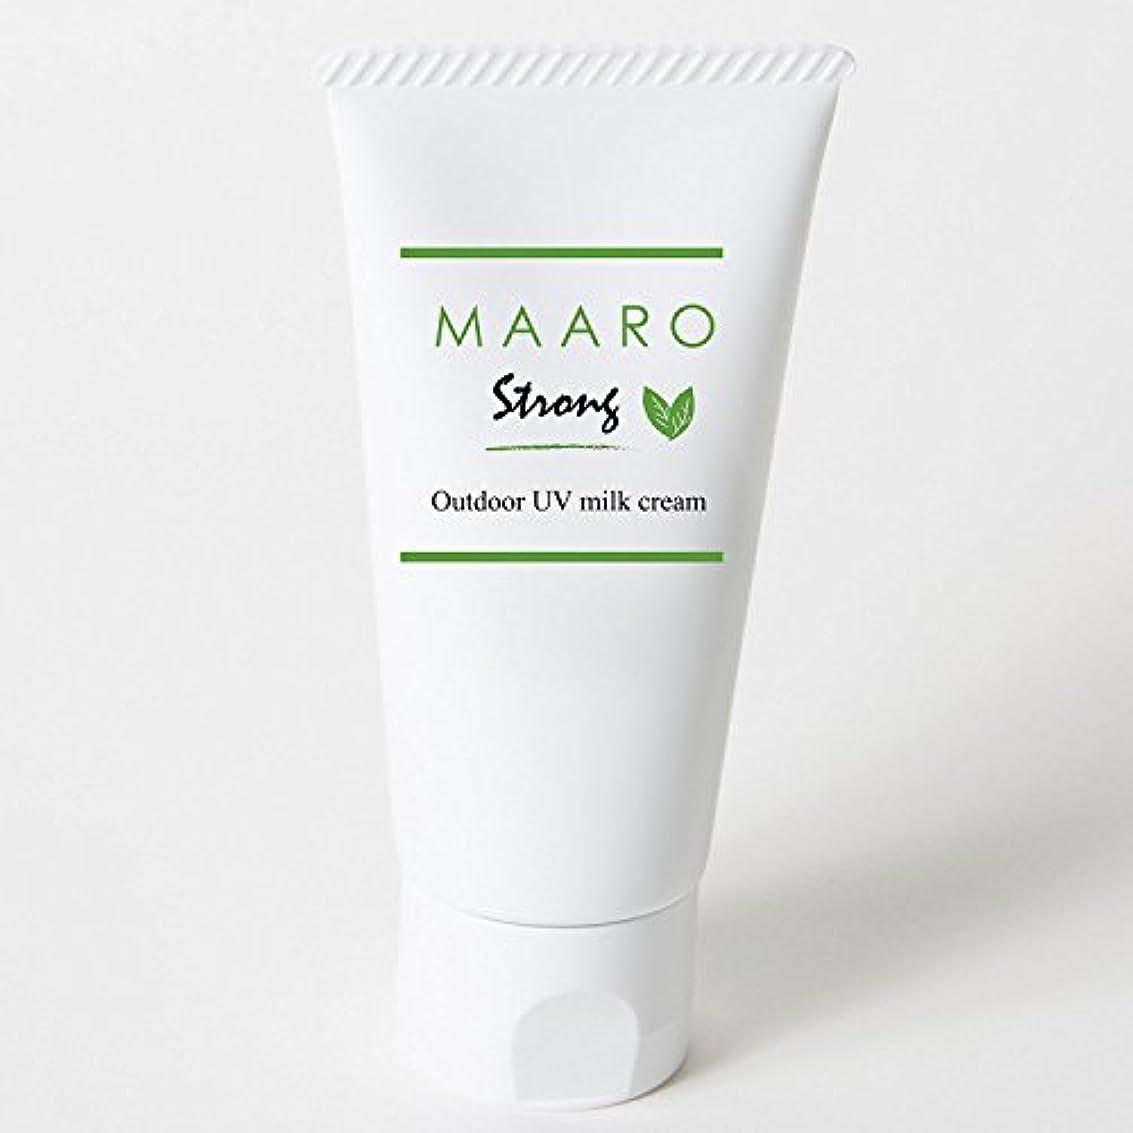 選ぶ動物園放置MAARO Strong(マアロストロング)アロマミルククリーム SPF30、PA+++ 60ml